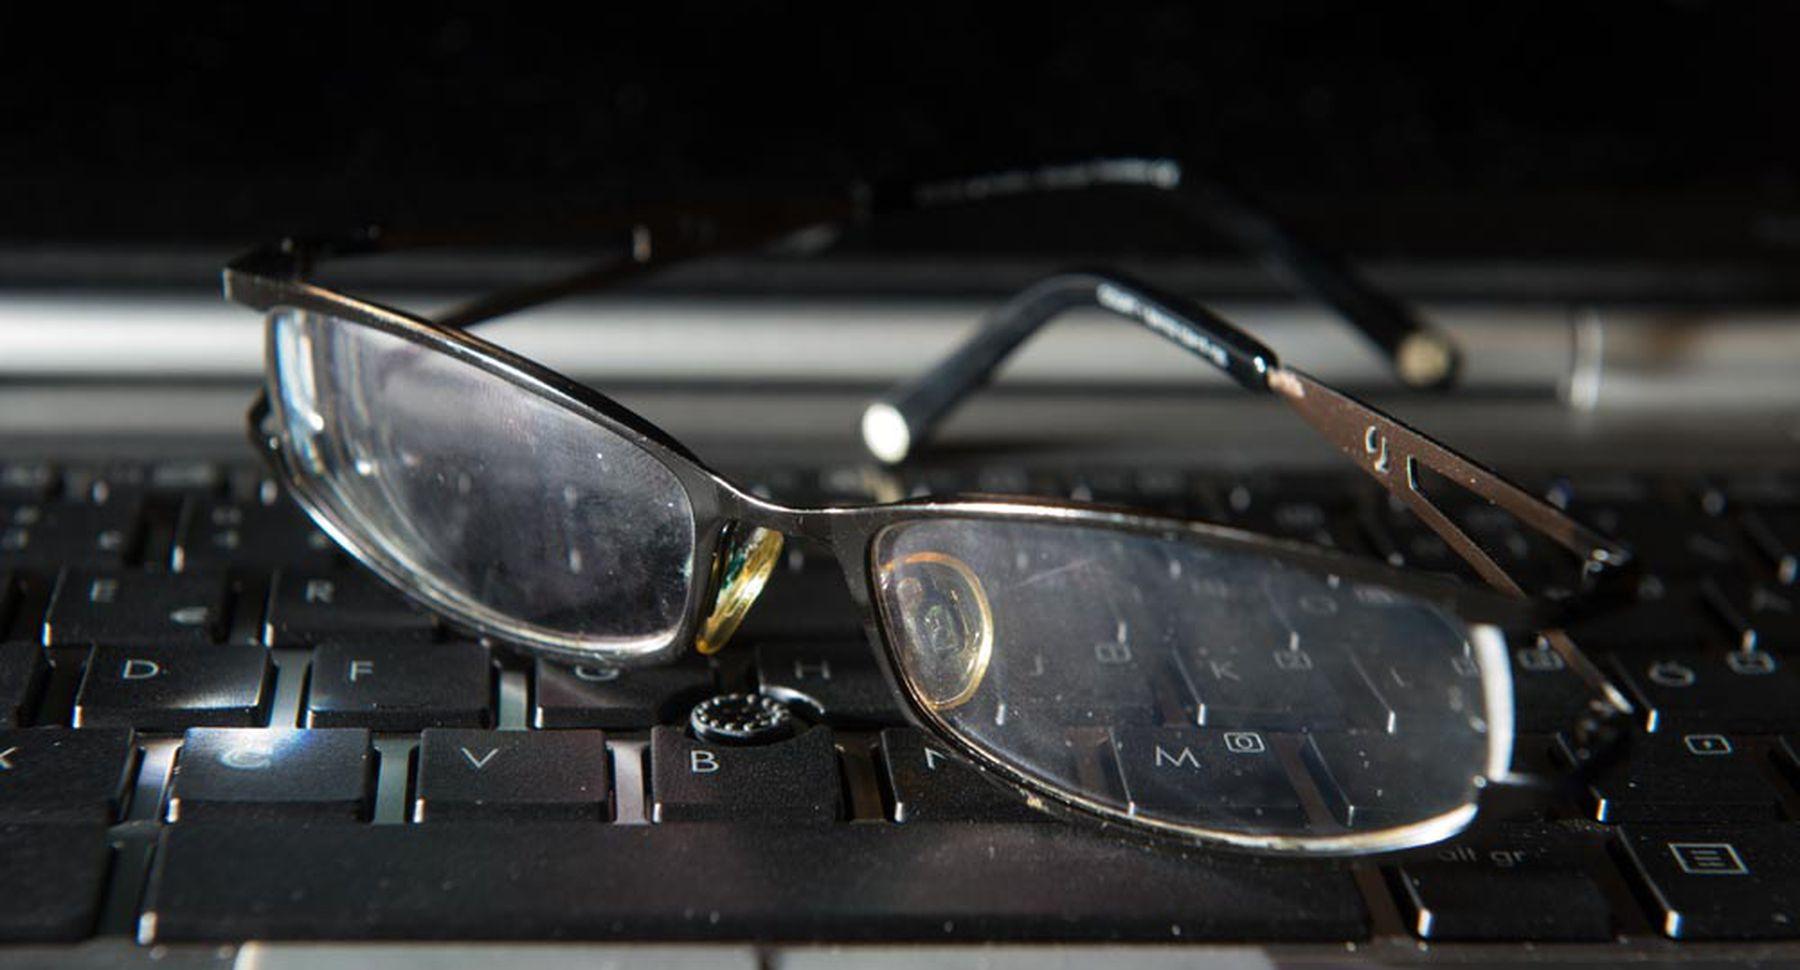 Miks lähevad prilliklaasid ruttu rasvaseks?